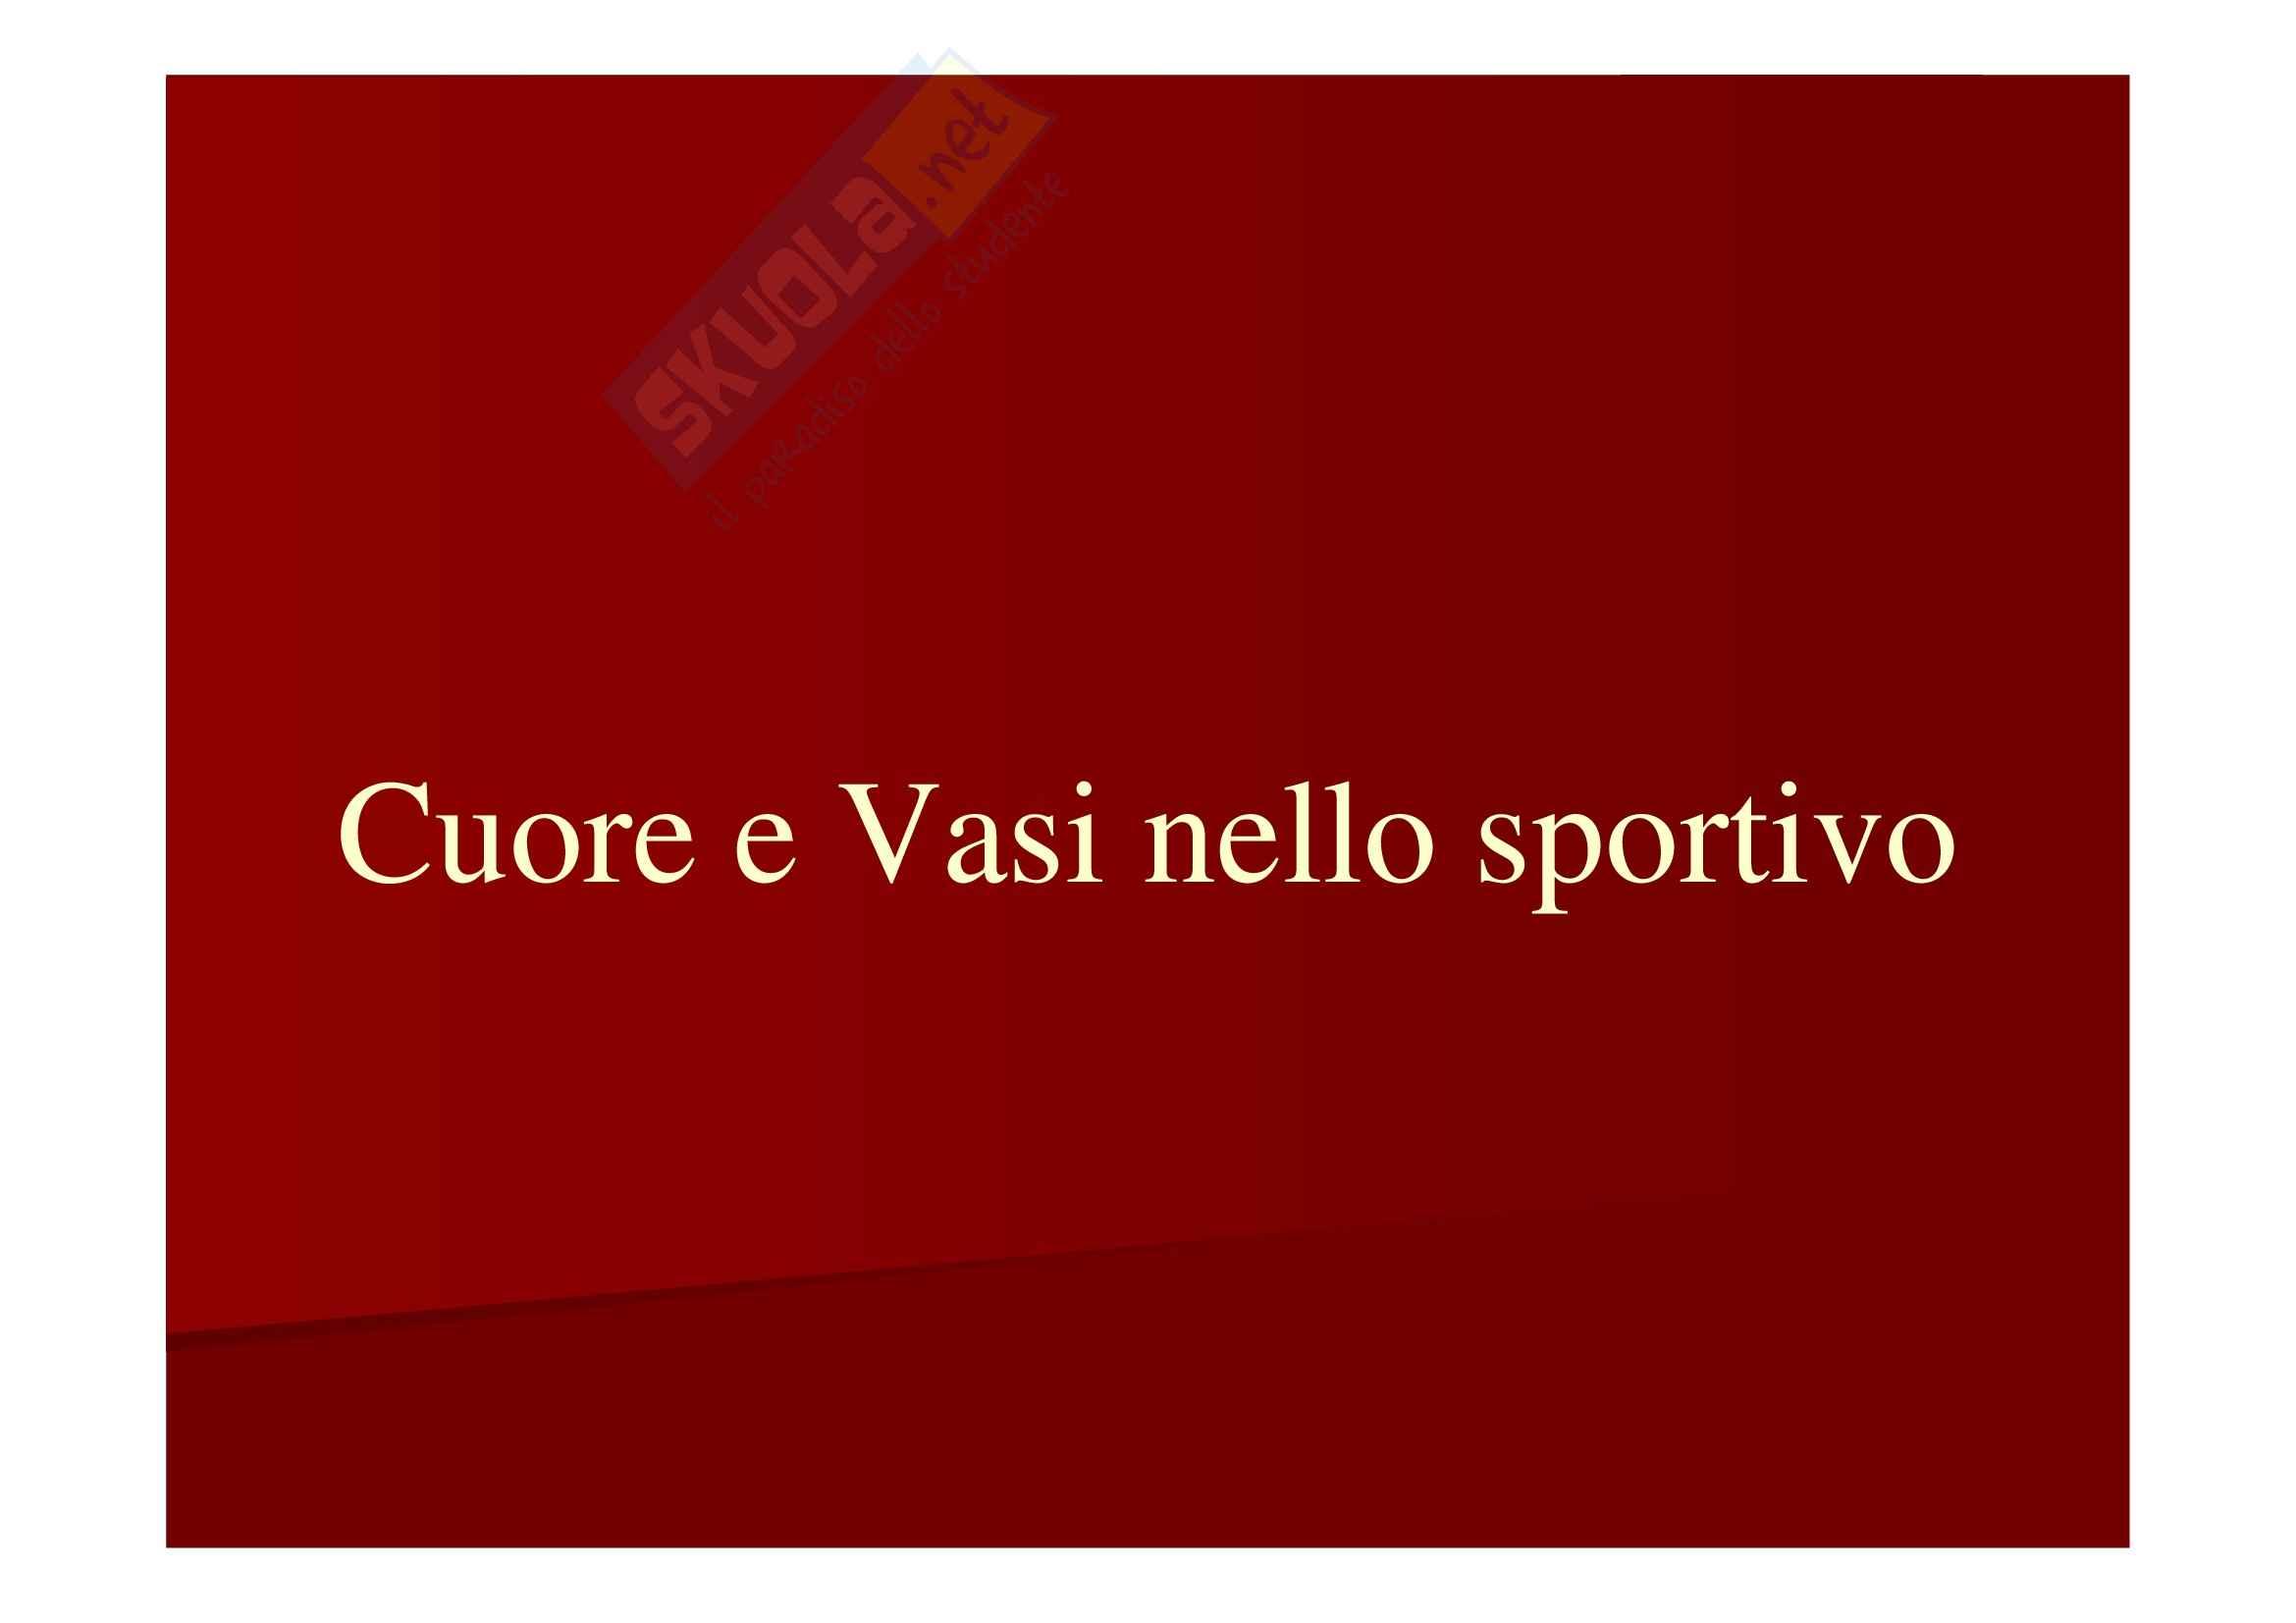 Cuore e vasi nello sportivo, Anatomia Umana